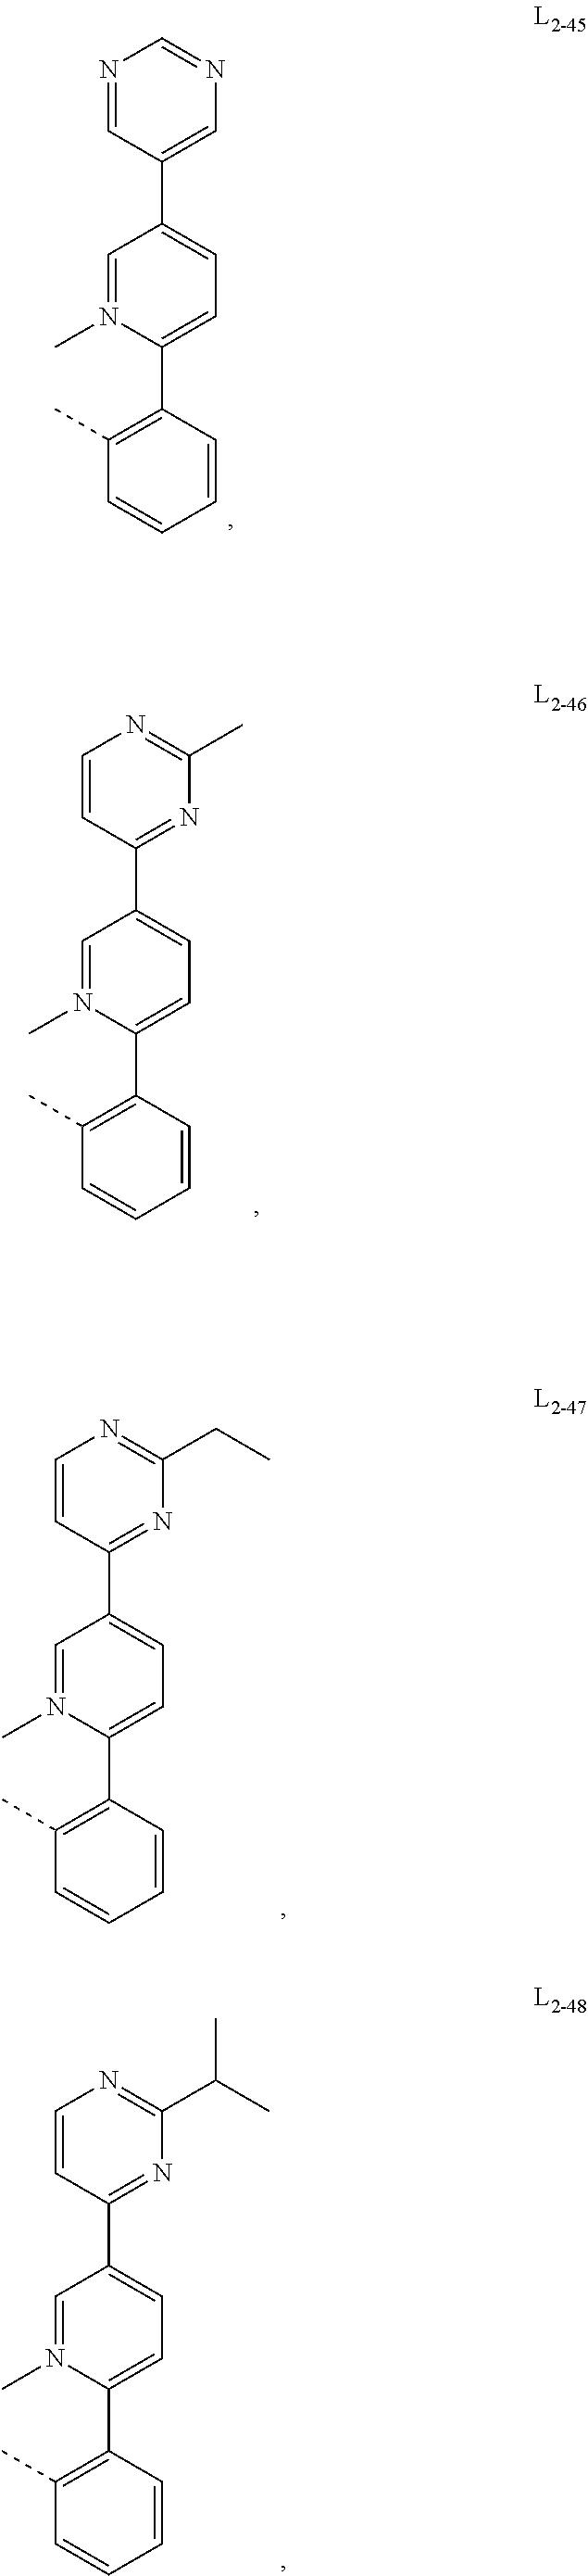 Figure US10074806-20180911-C00061